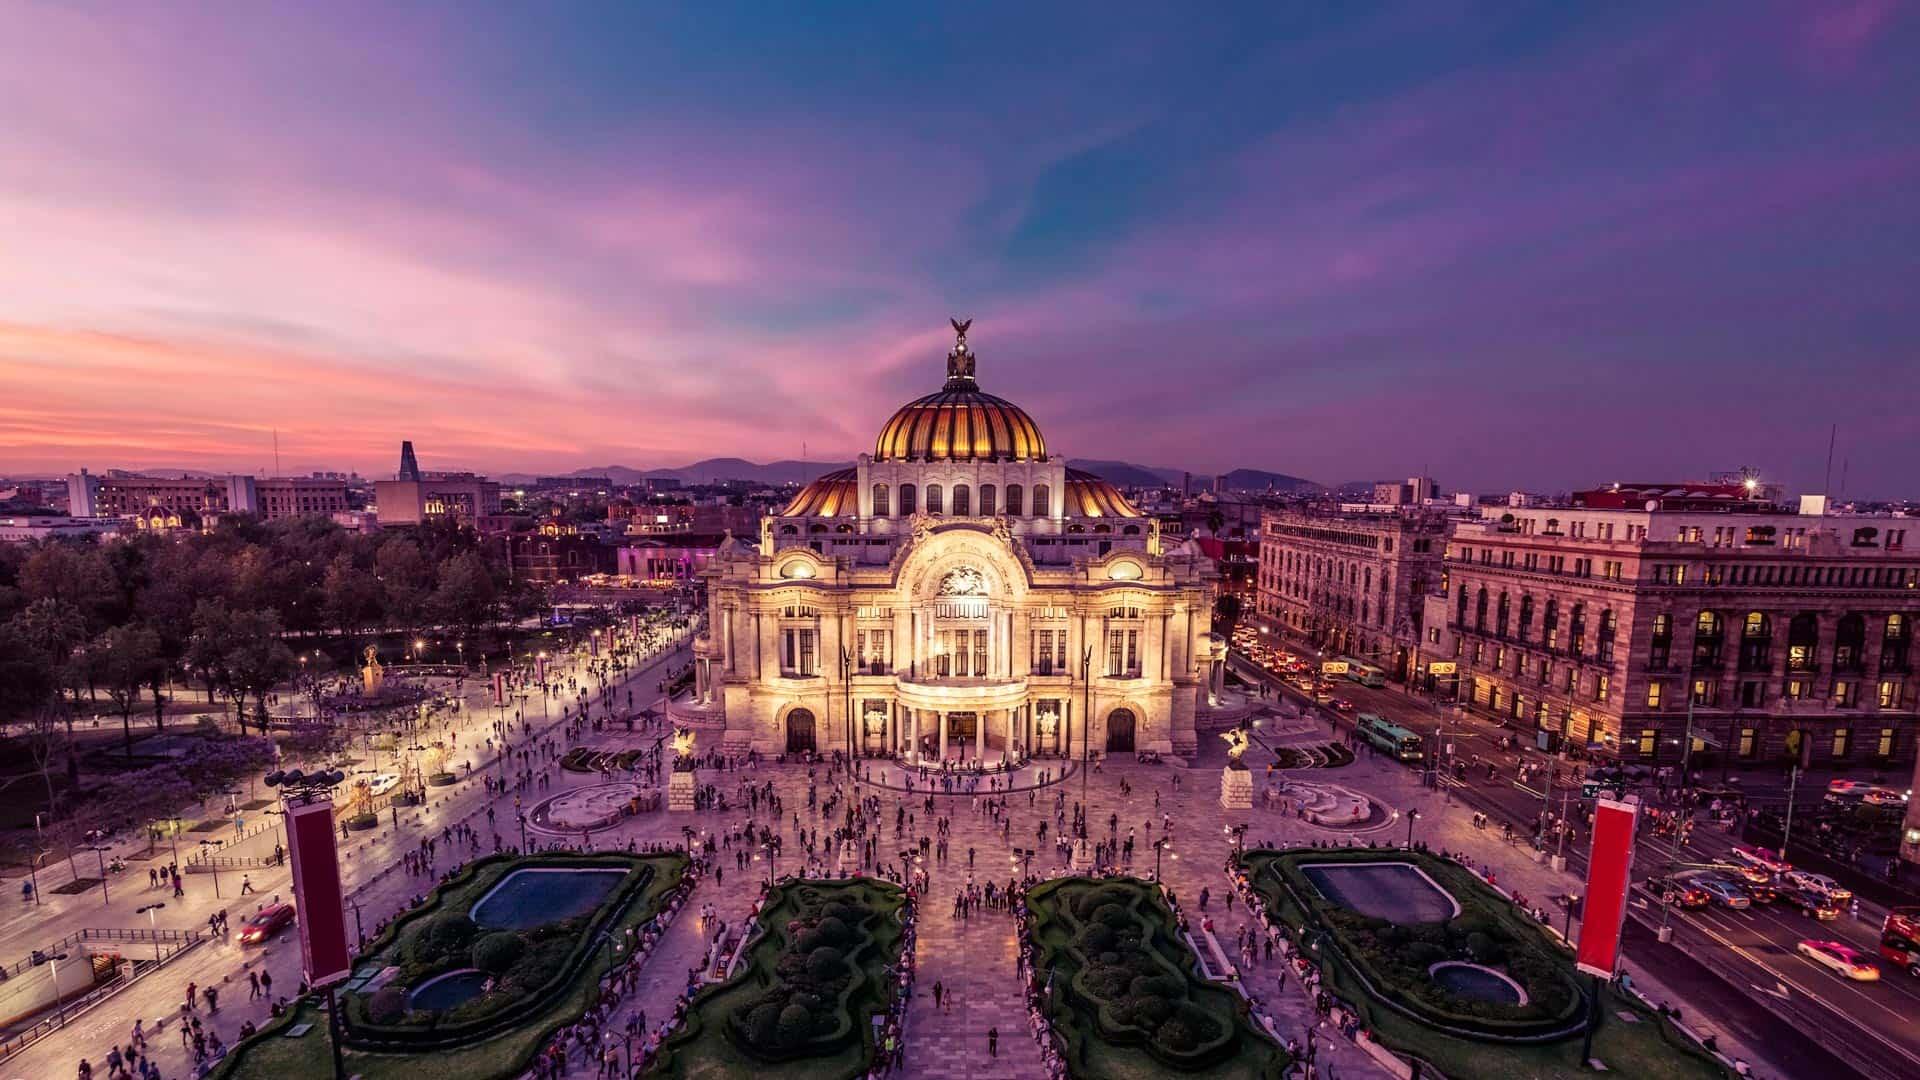 Mexico City Design Guide mexico city design guide Mexico City Design Guide Palacio de Bellas Artes in Mexico City 20170329 min